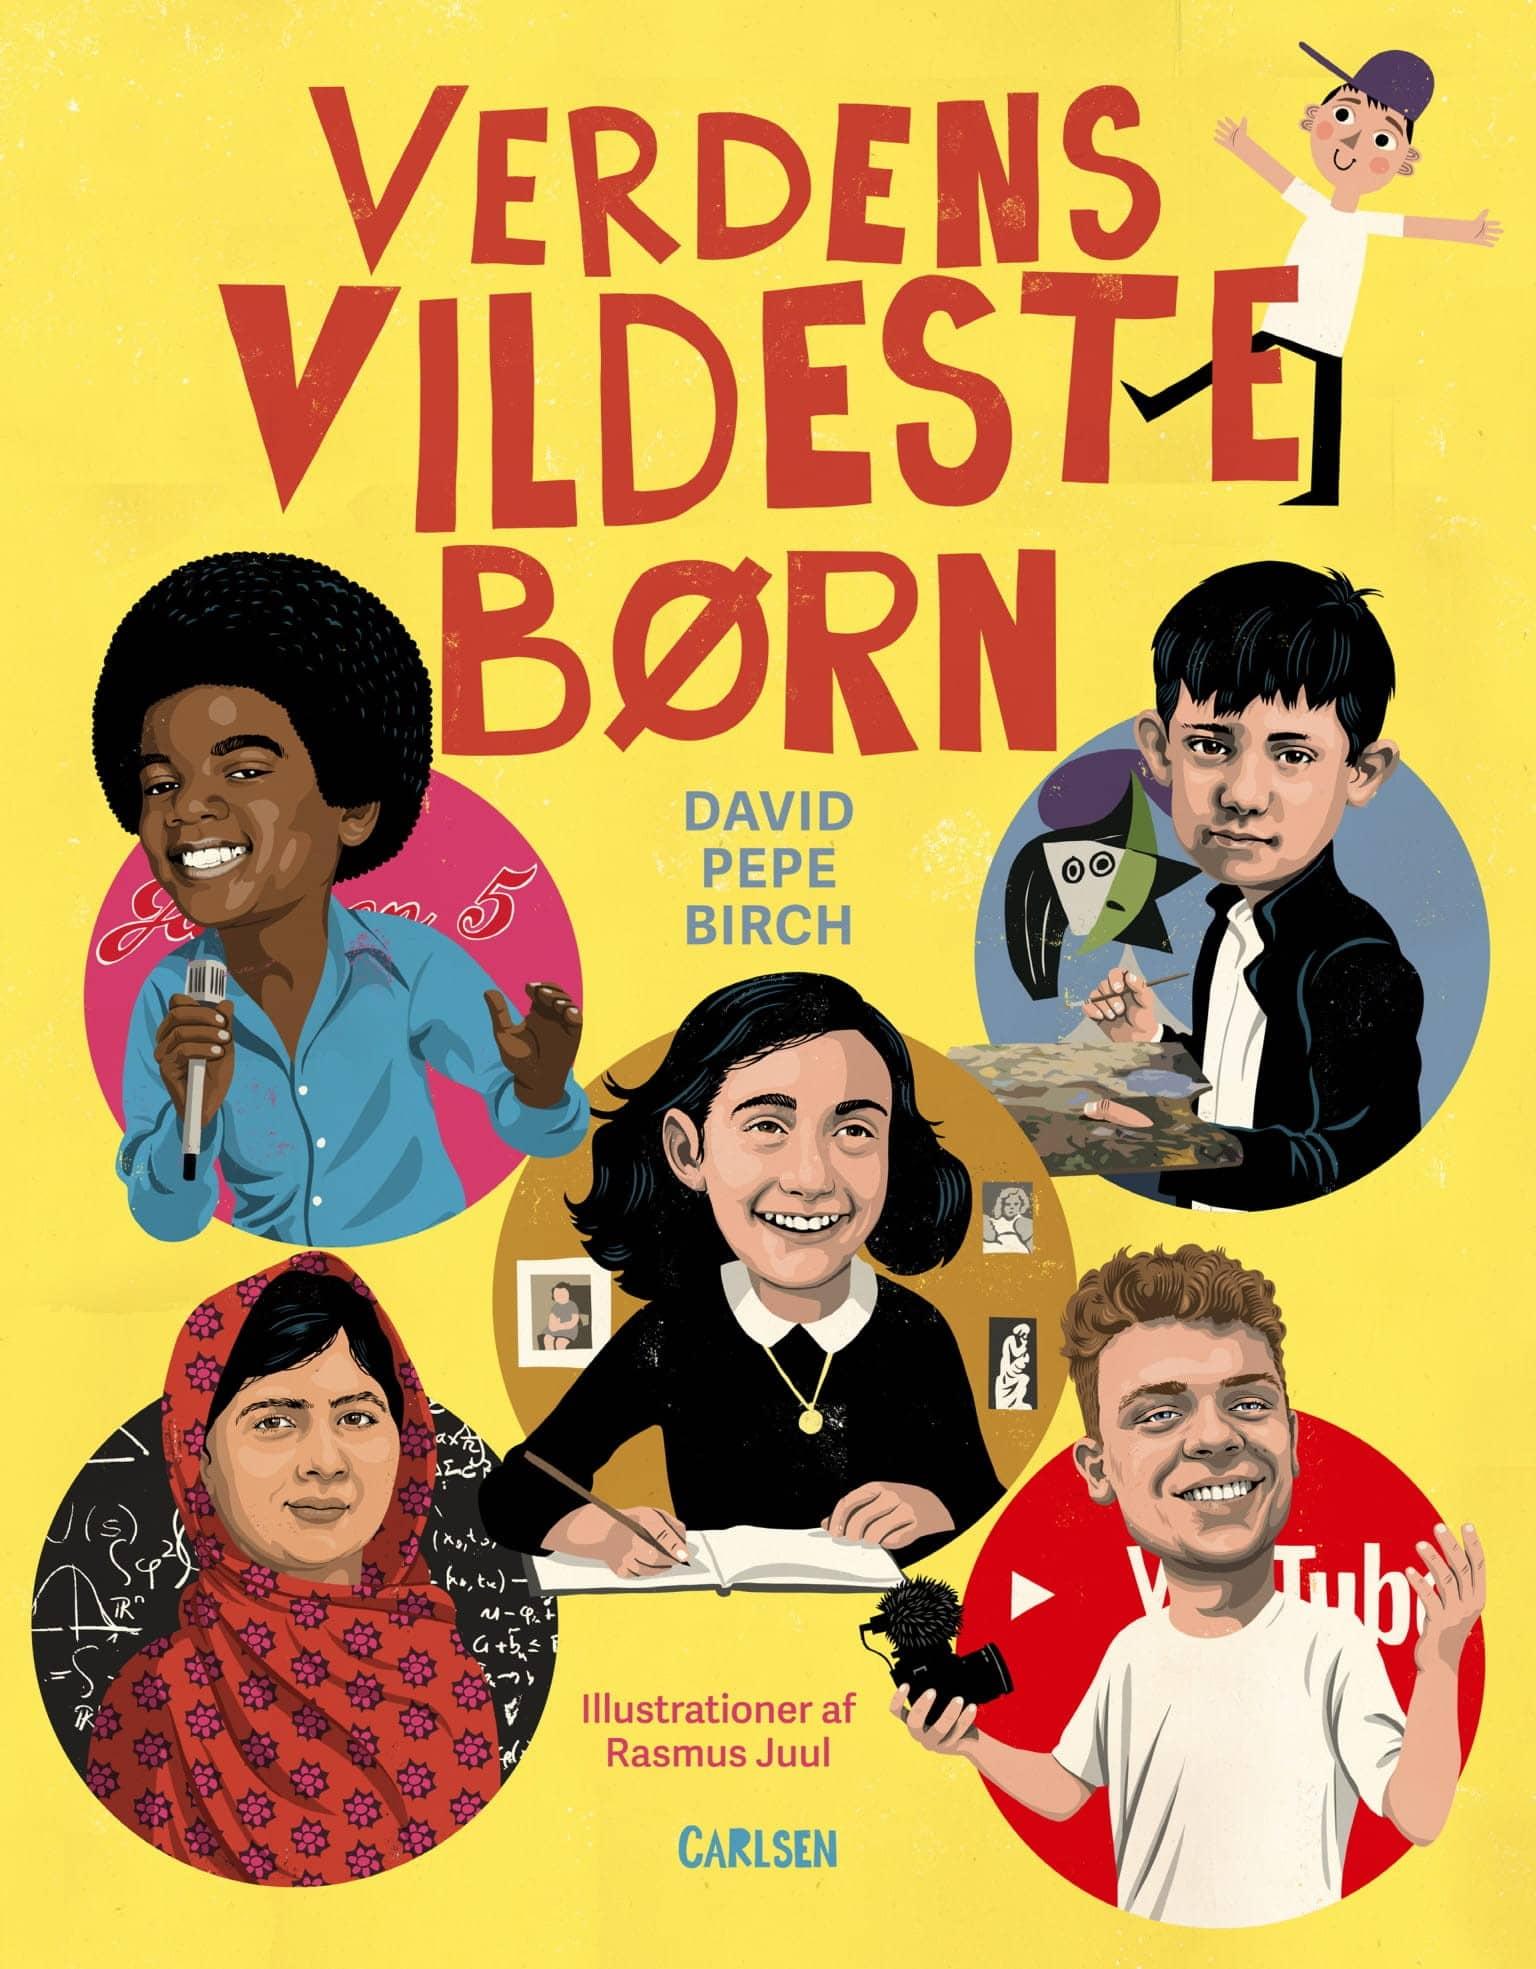 Verdens vildeste børn, David pepe birch, børnebog, vilde børn, seje børn, børnebøger, fagbøger til børn